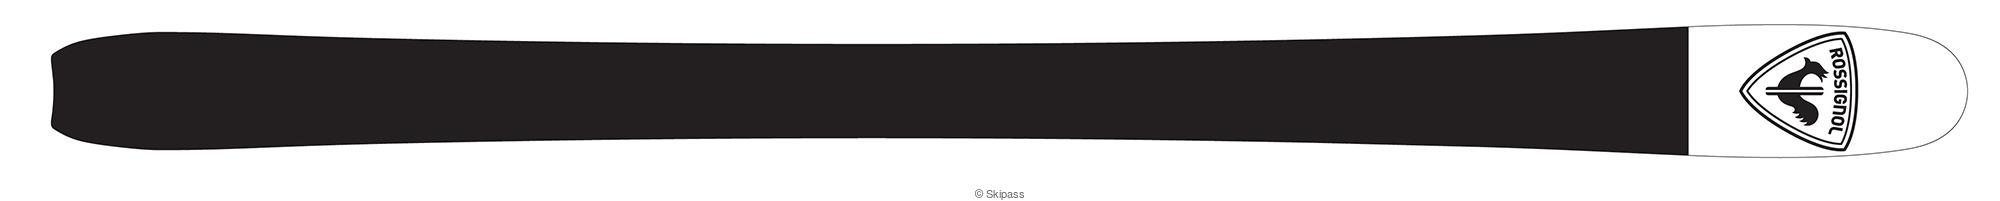 Rossignol blackops alpineer